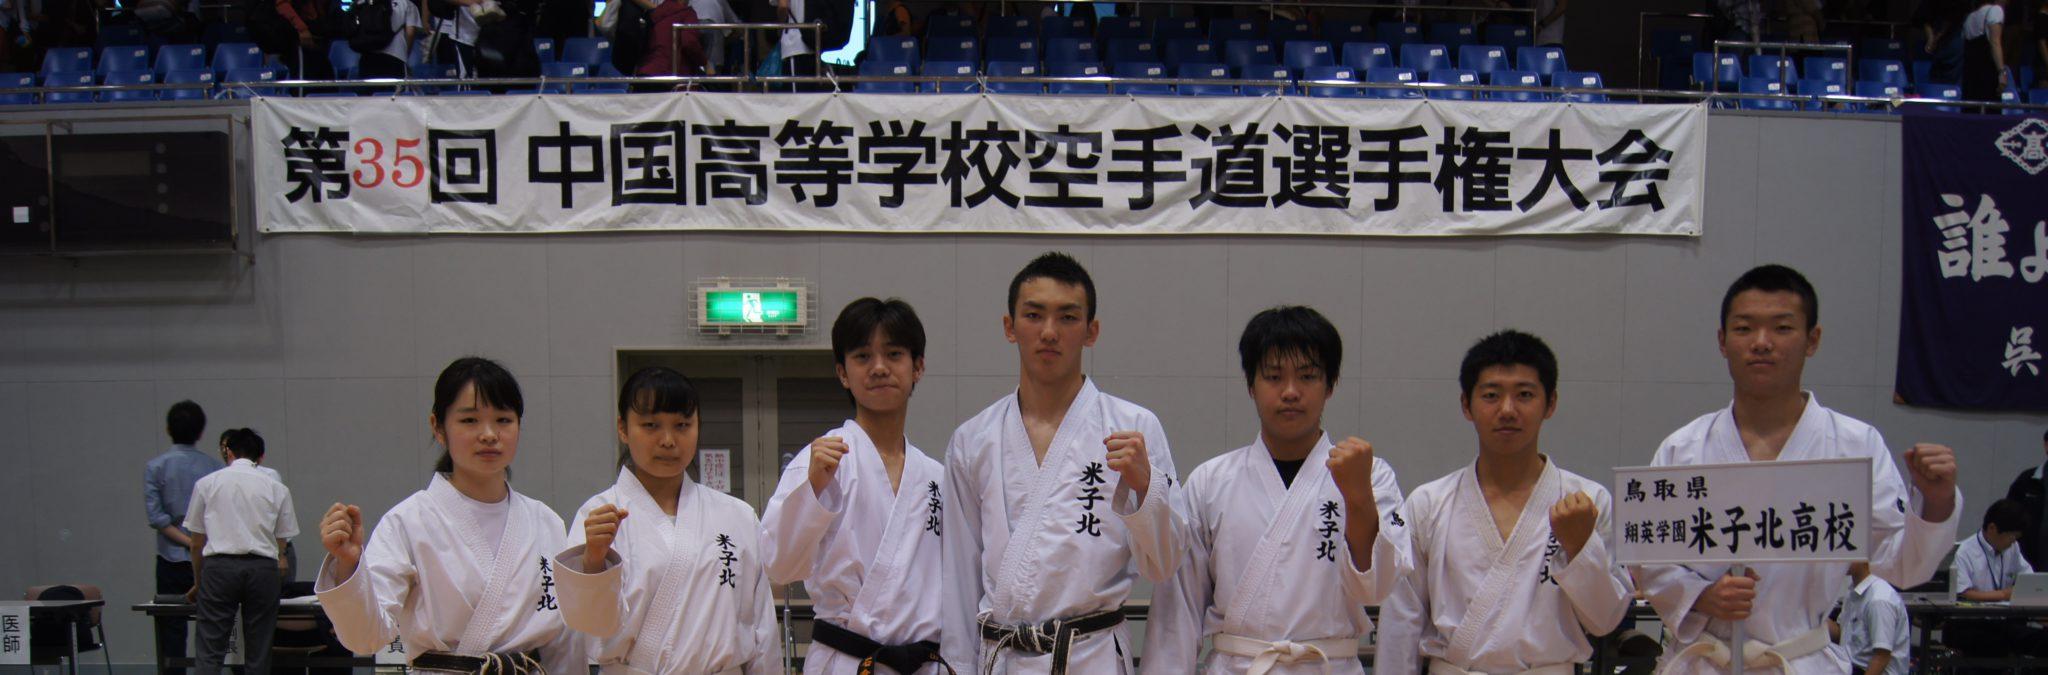 第35回中国高等学校空手選手権大会